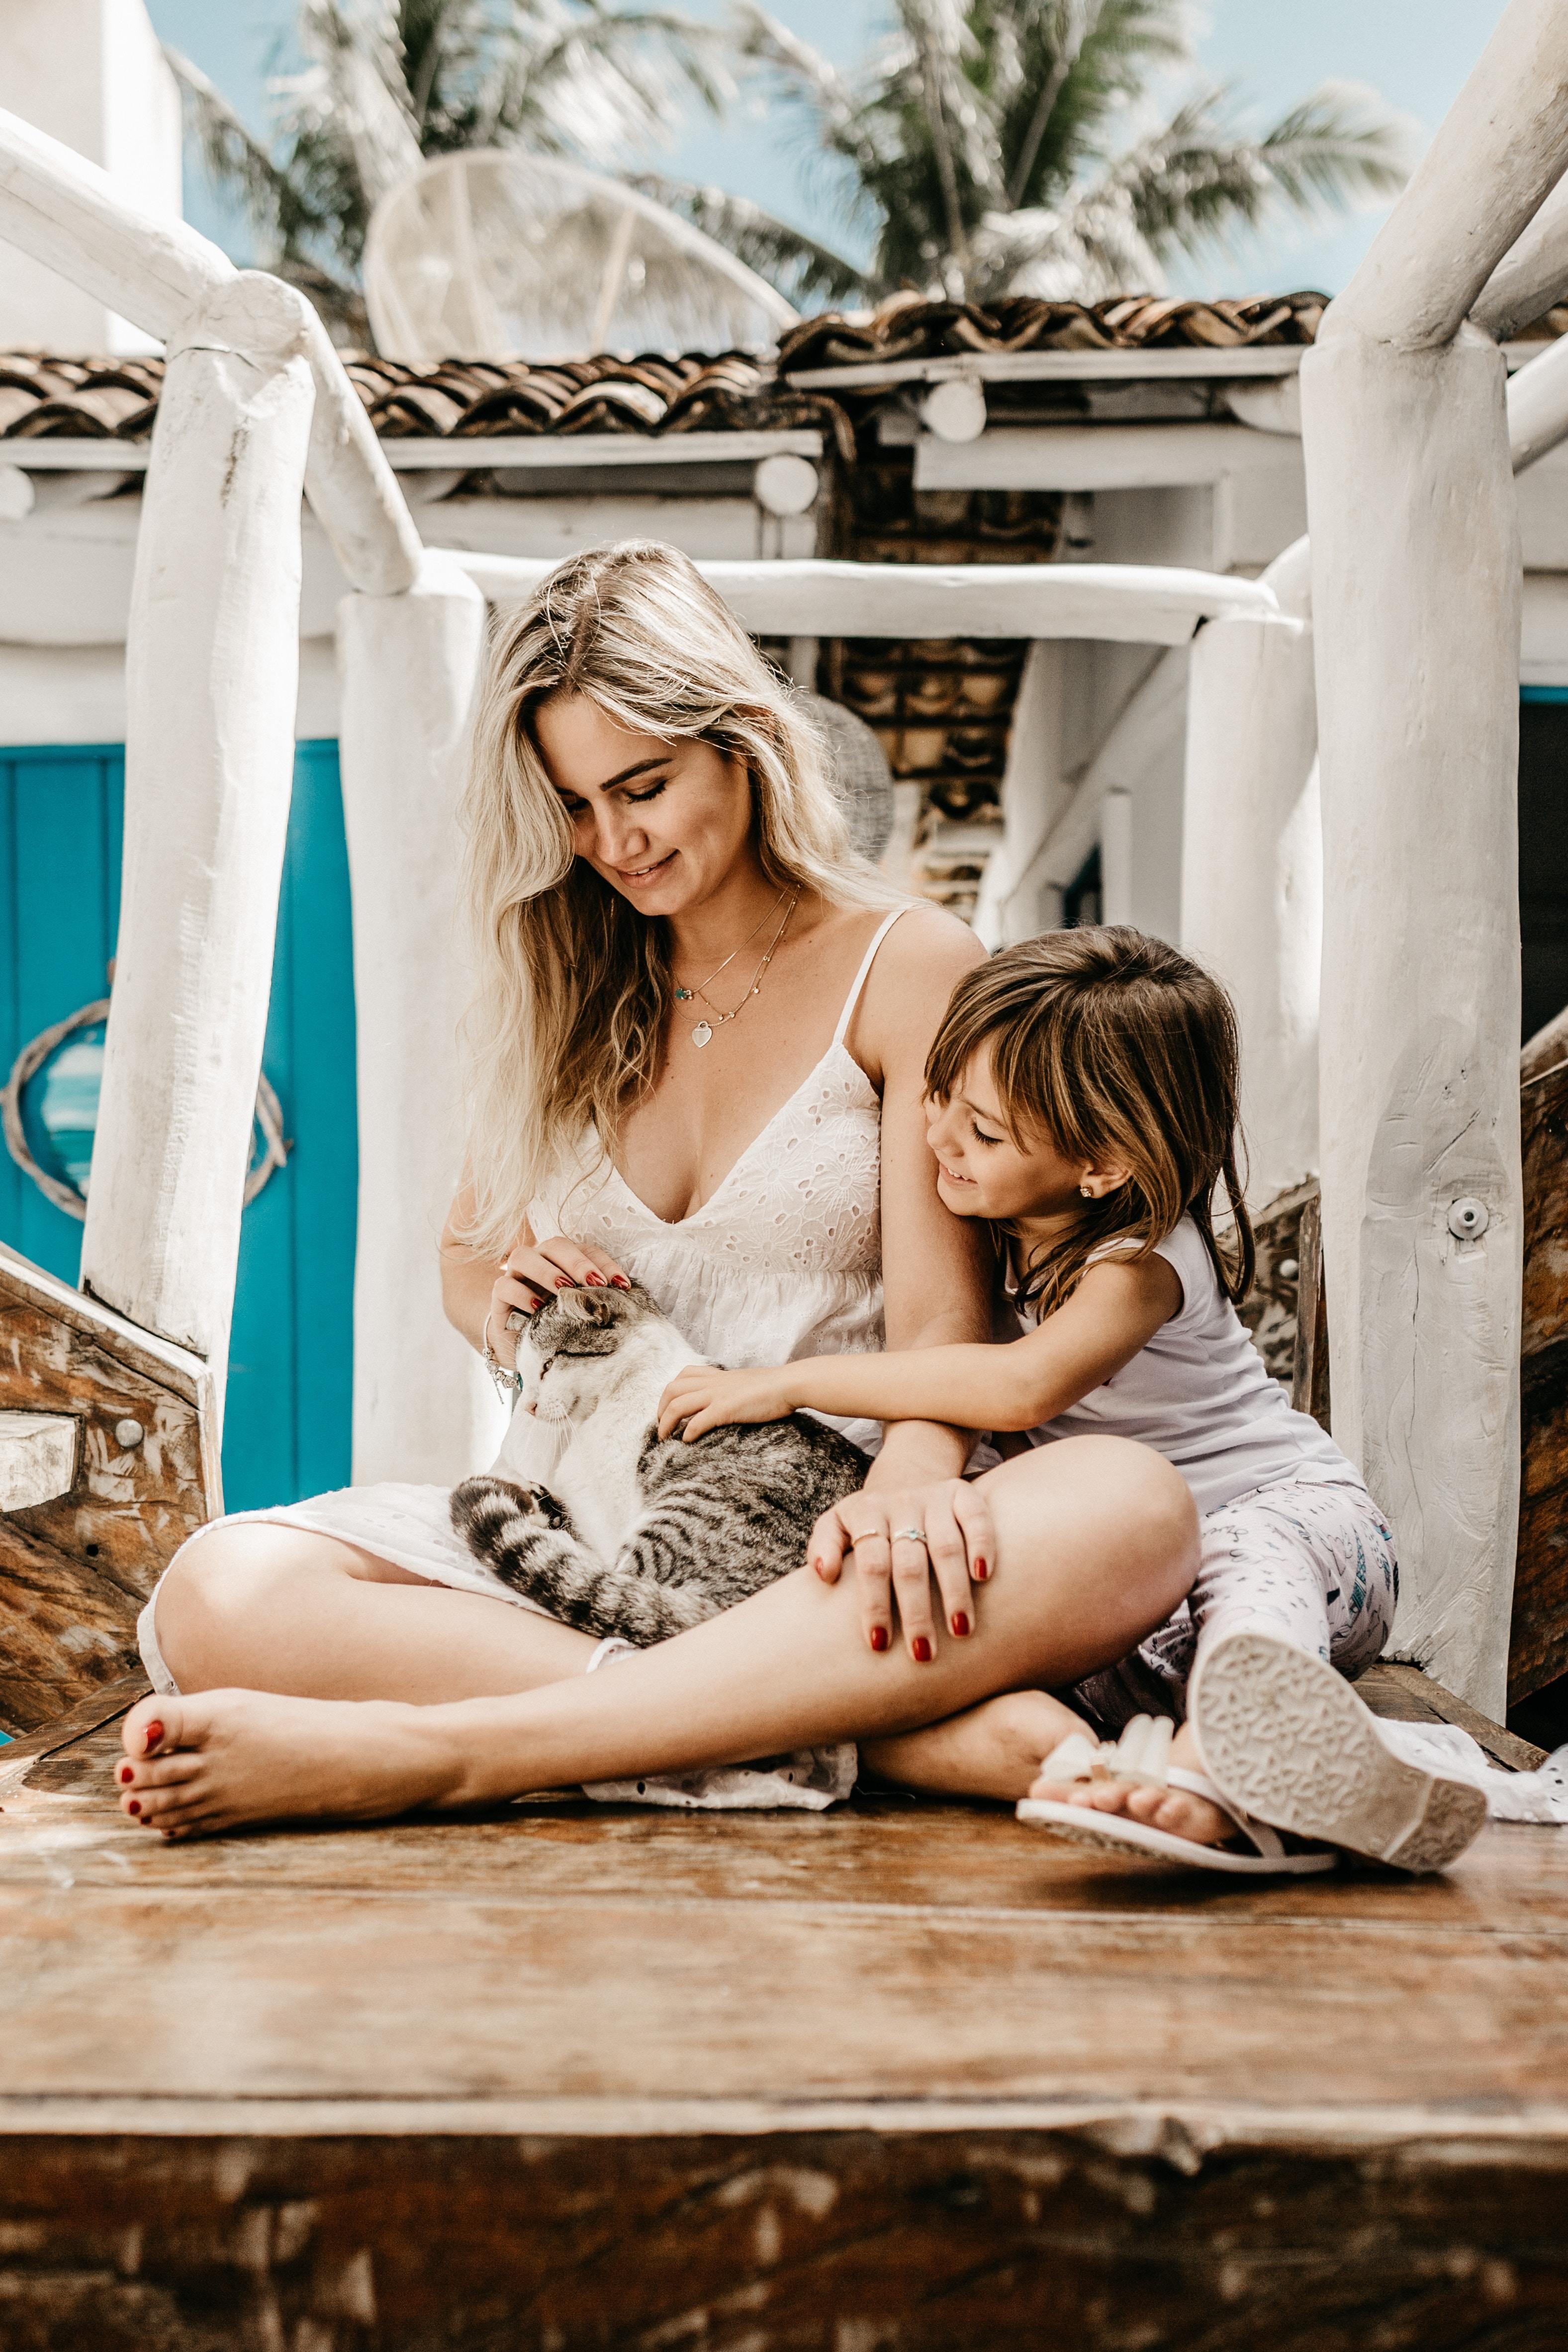 Los gatos benefician tu bienestar y reducen el estrés